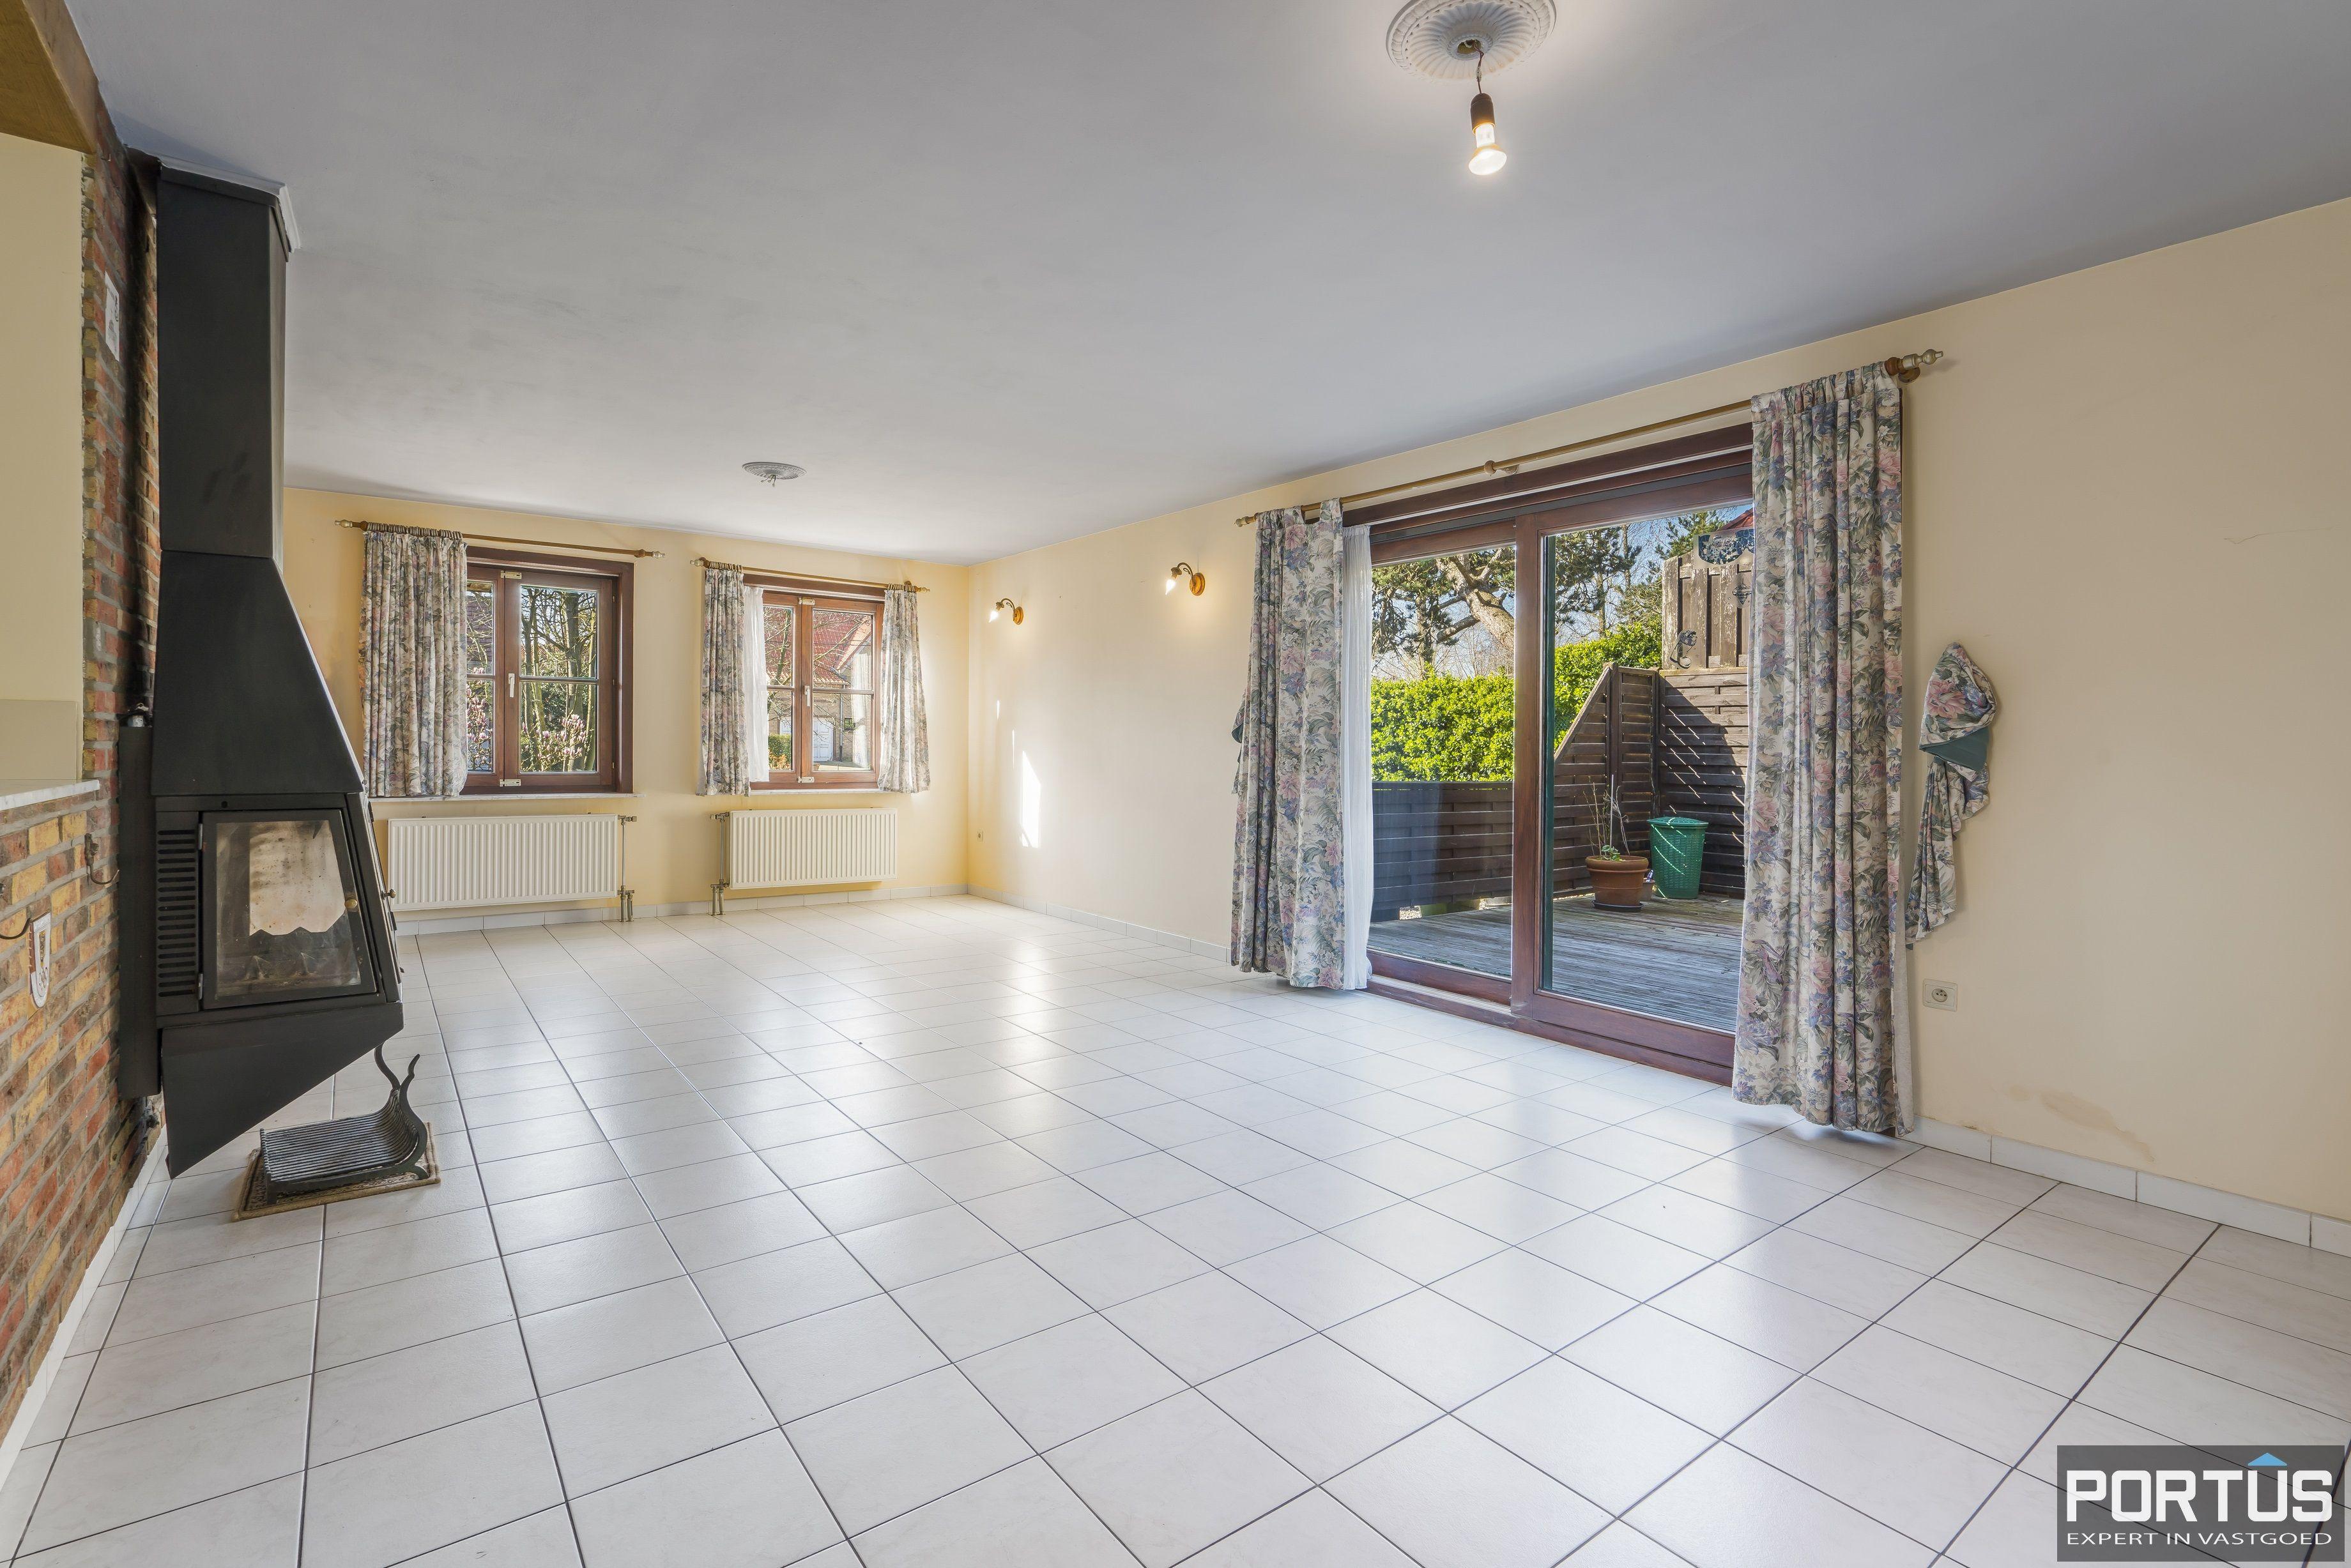 Villa te koop met 3 slaapkamers te Nieuwpoort - 12464